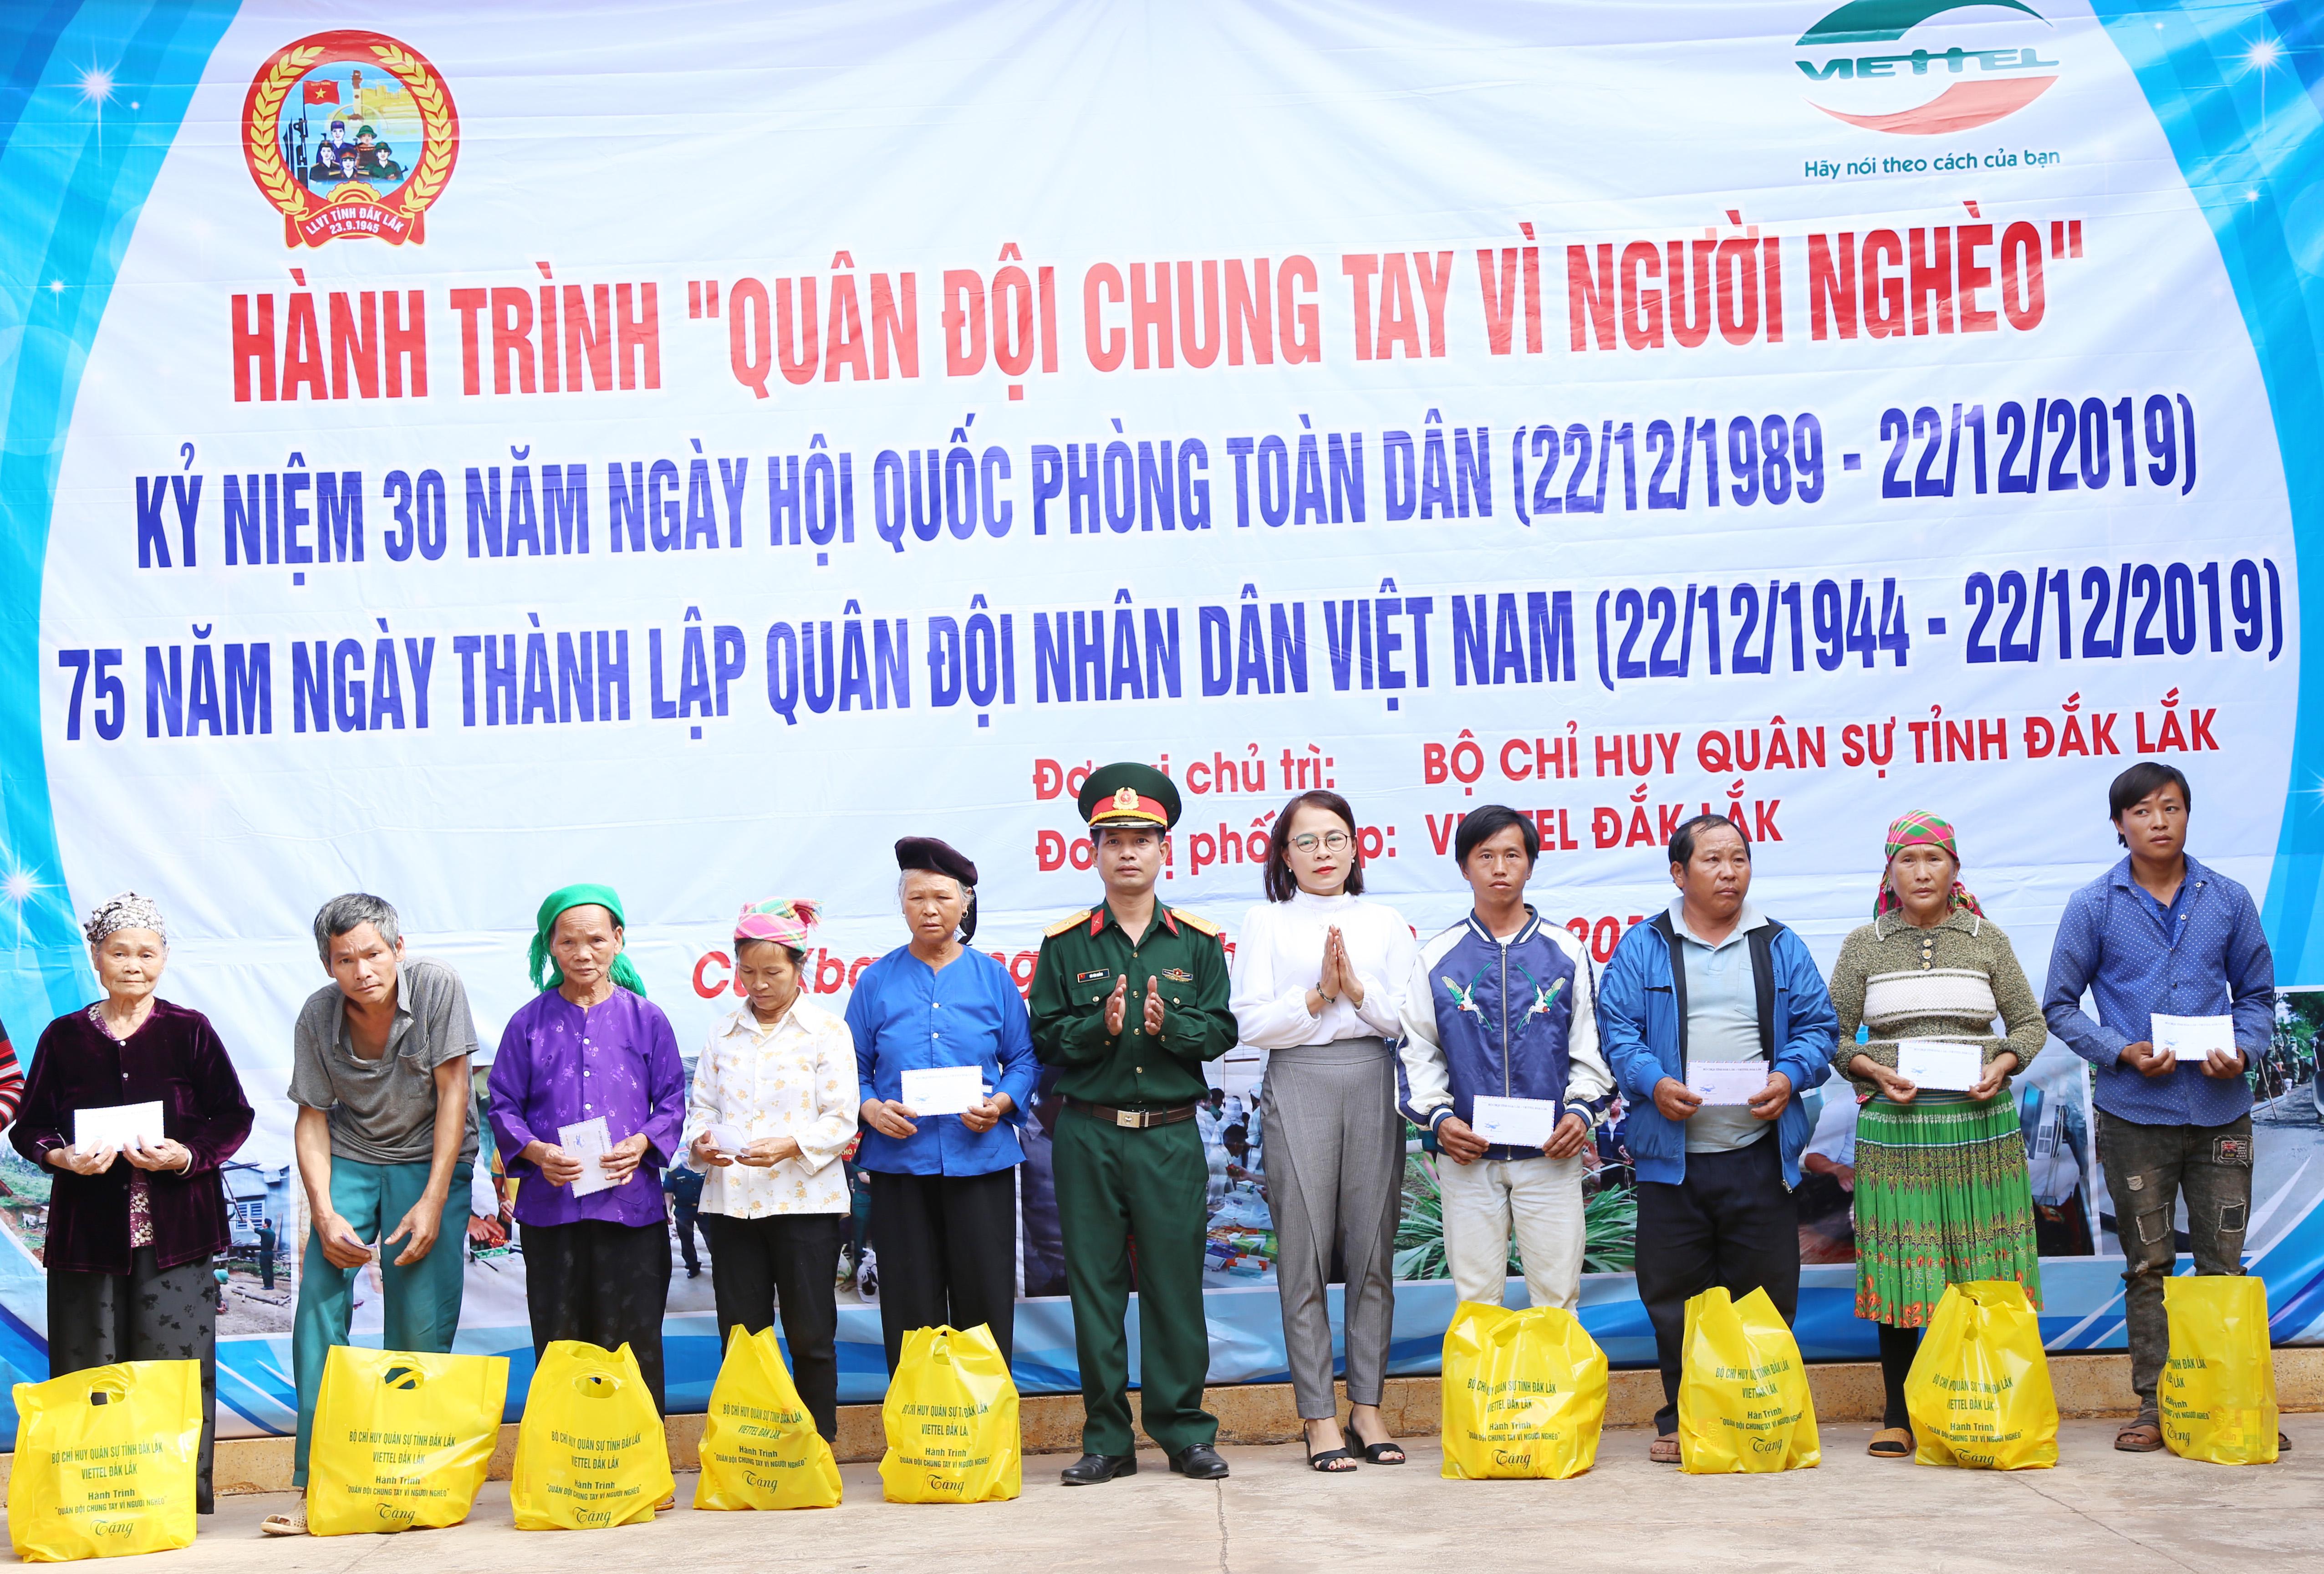 """Hành trình """"Quân đội chung tay vì người nghèo"""" tại huyện Ea Súp"""